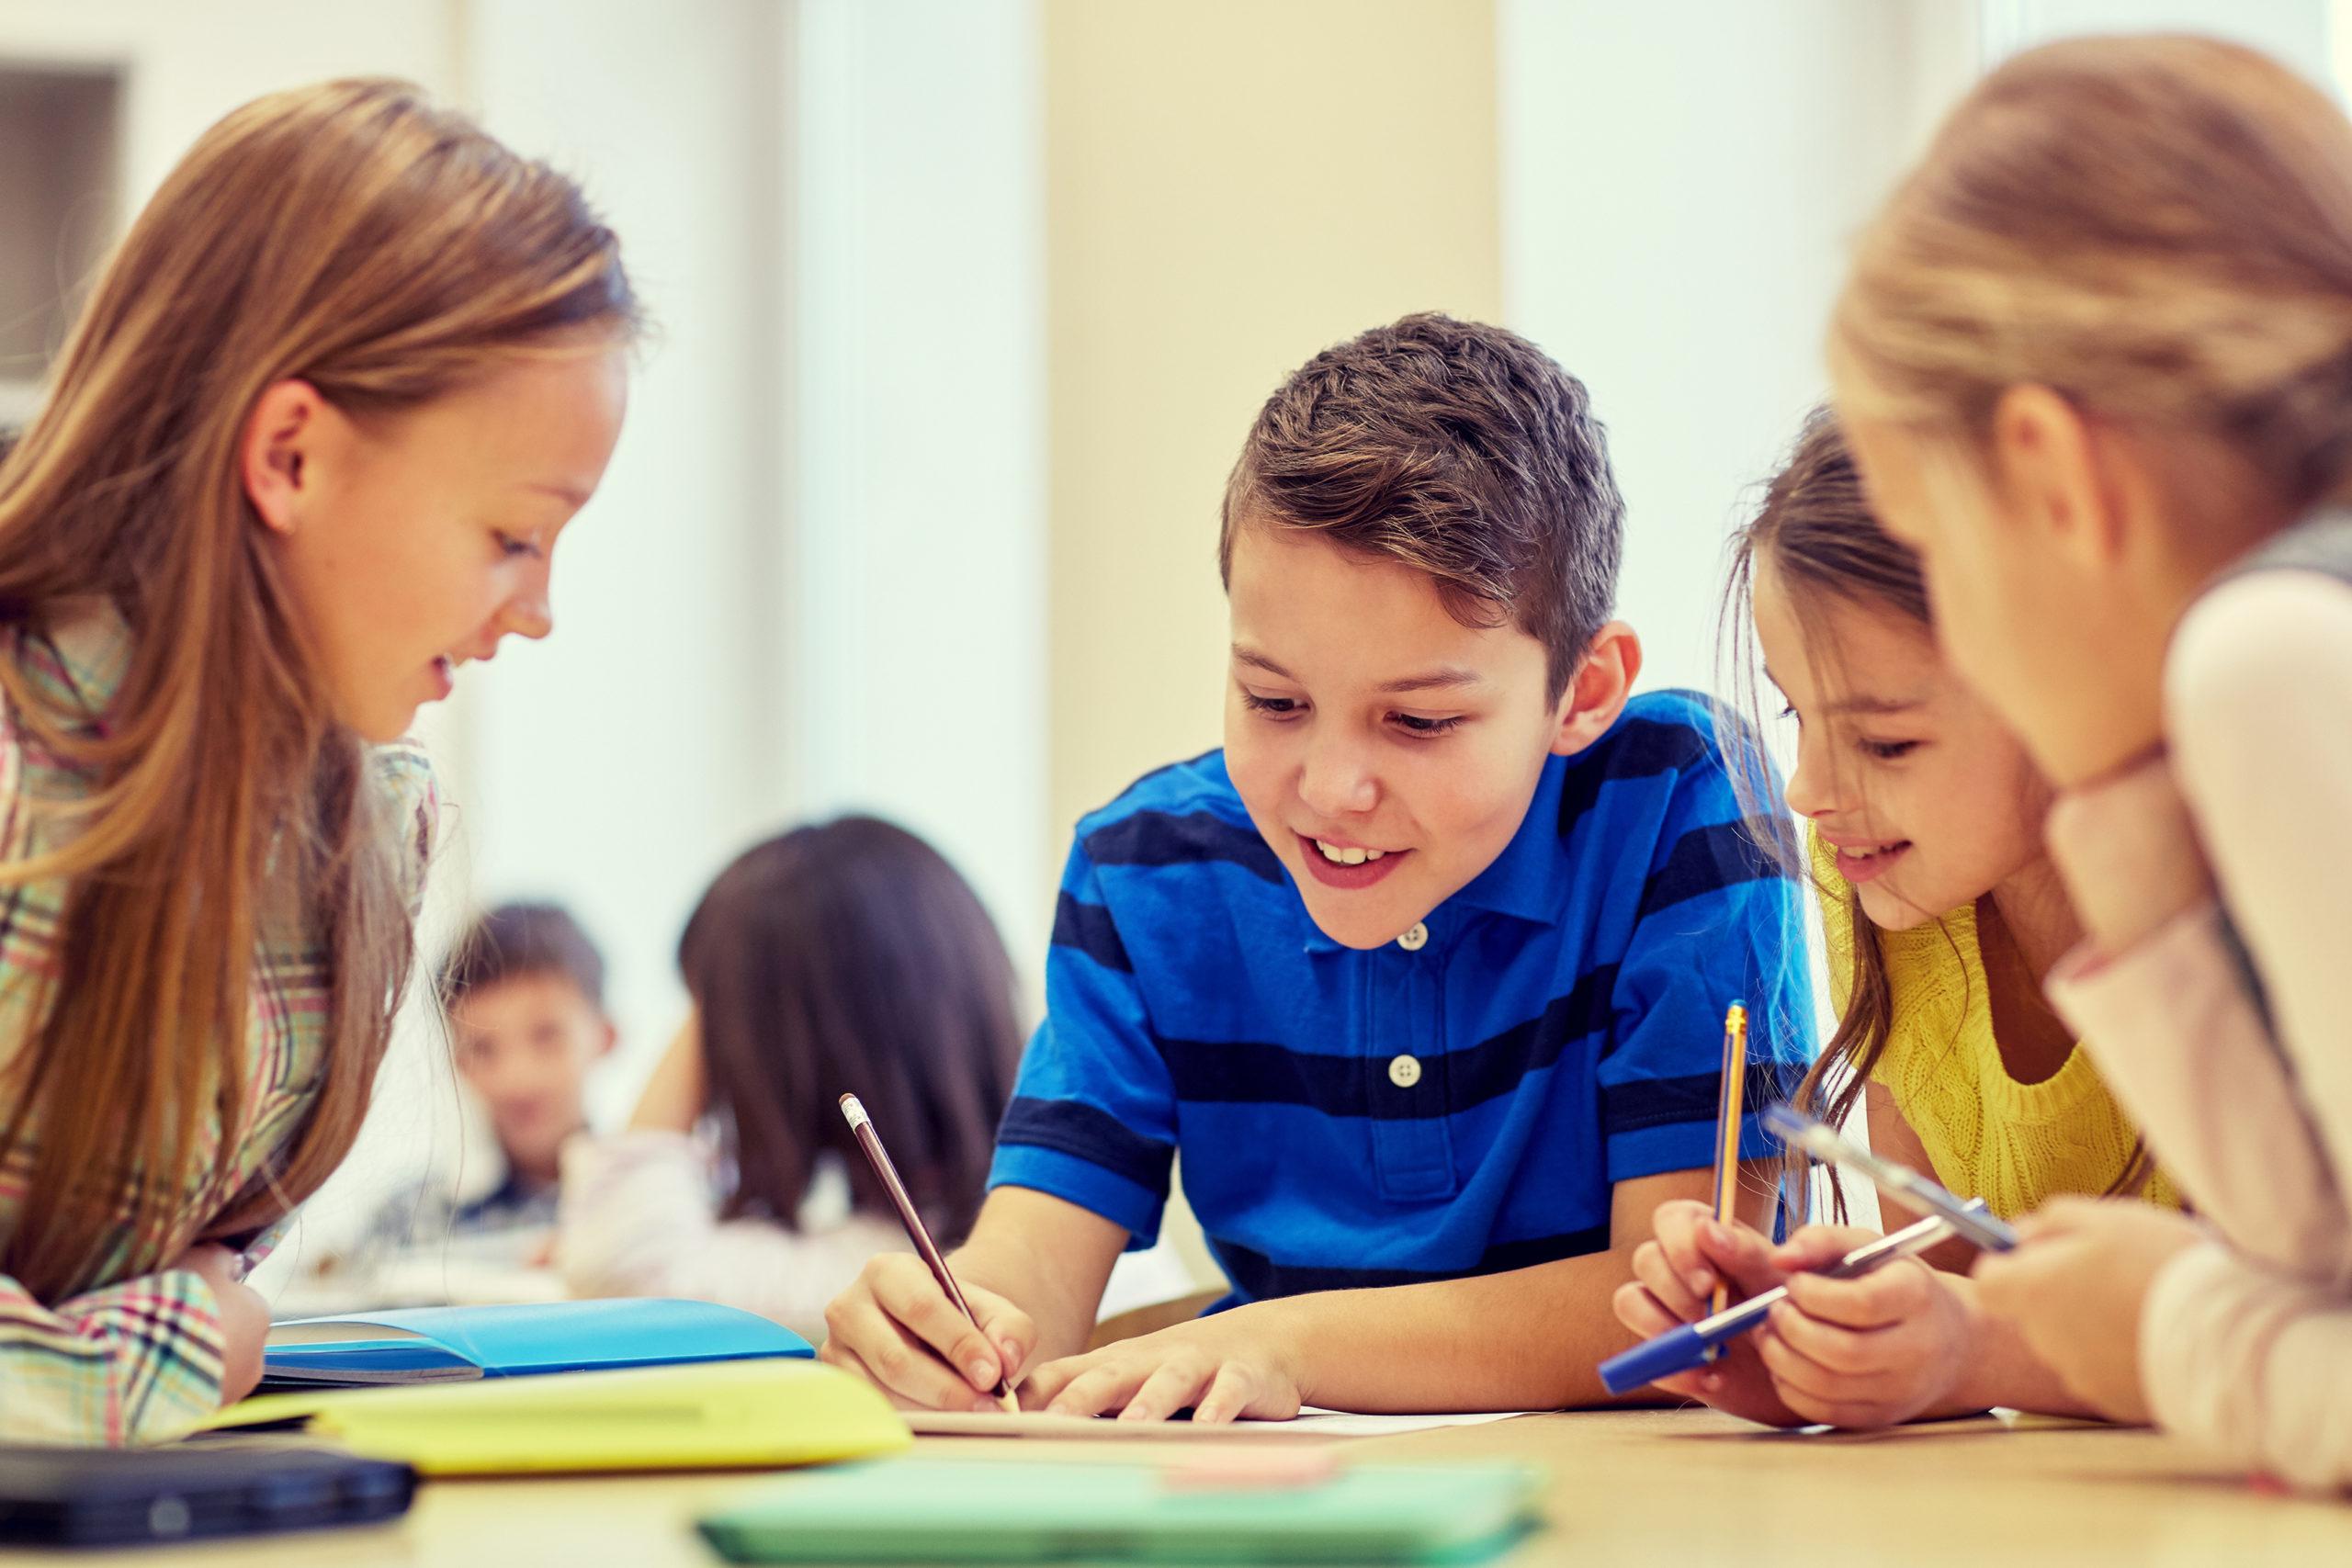 Grupo de crianças sentada ao redor de uma mesa fazendo uma atividade em grupo